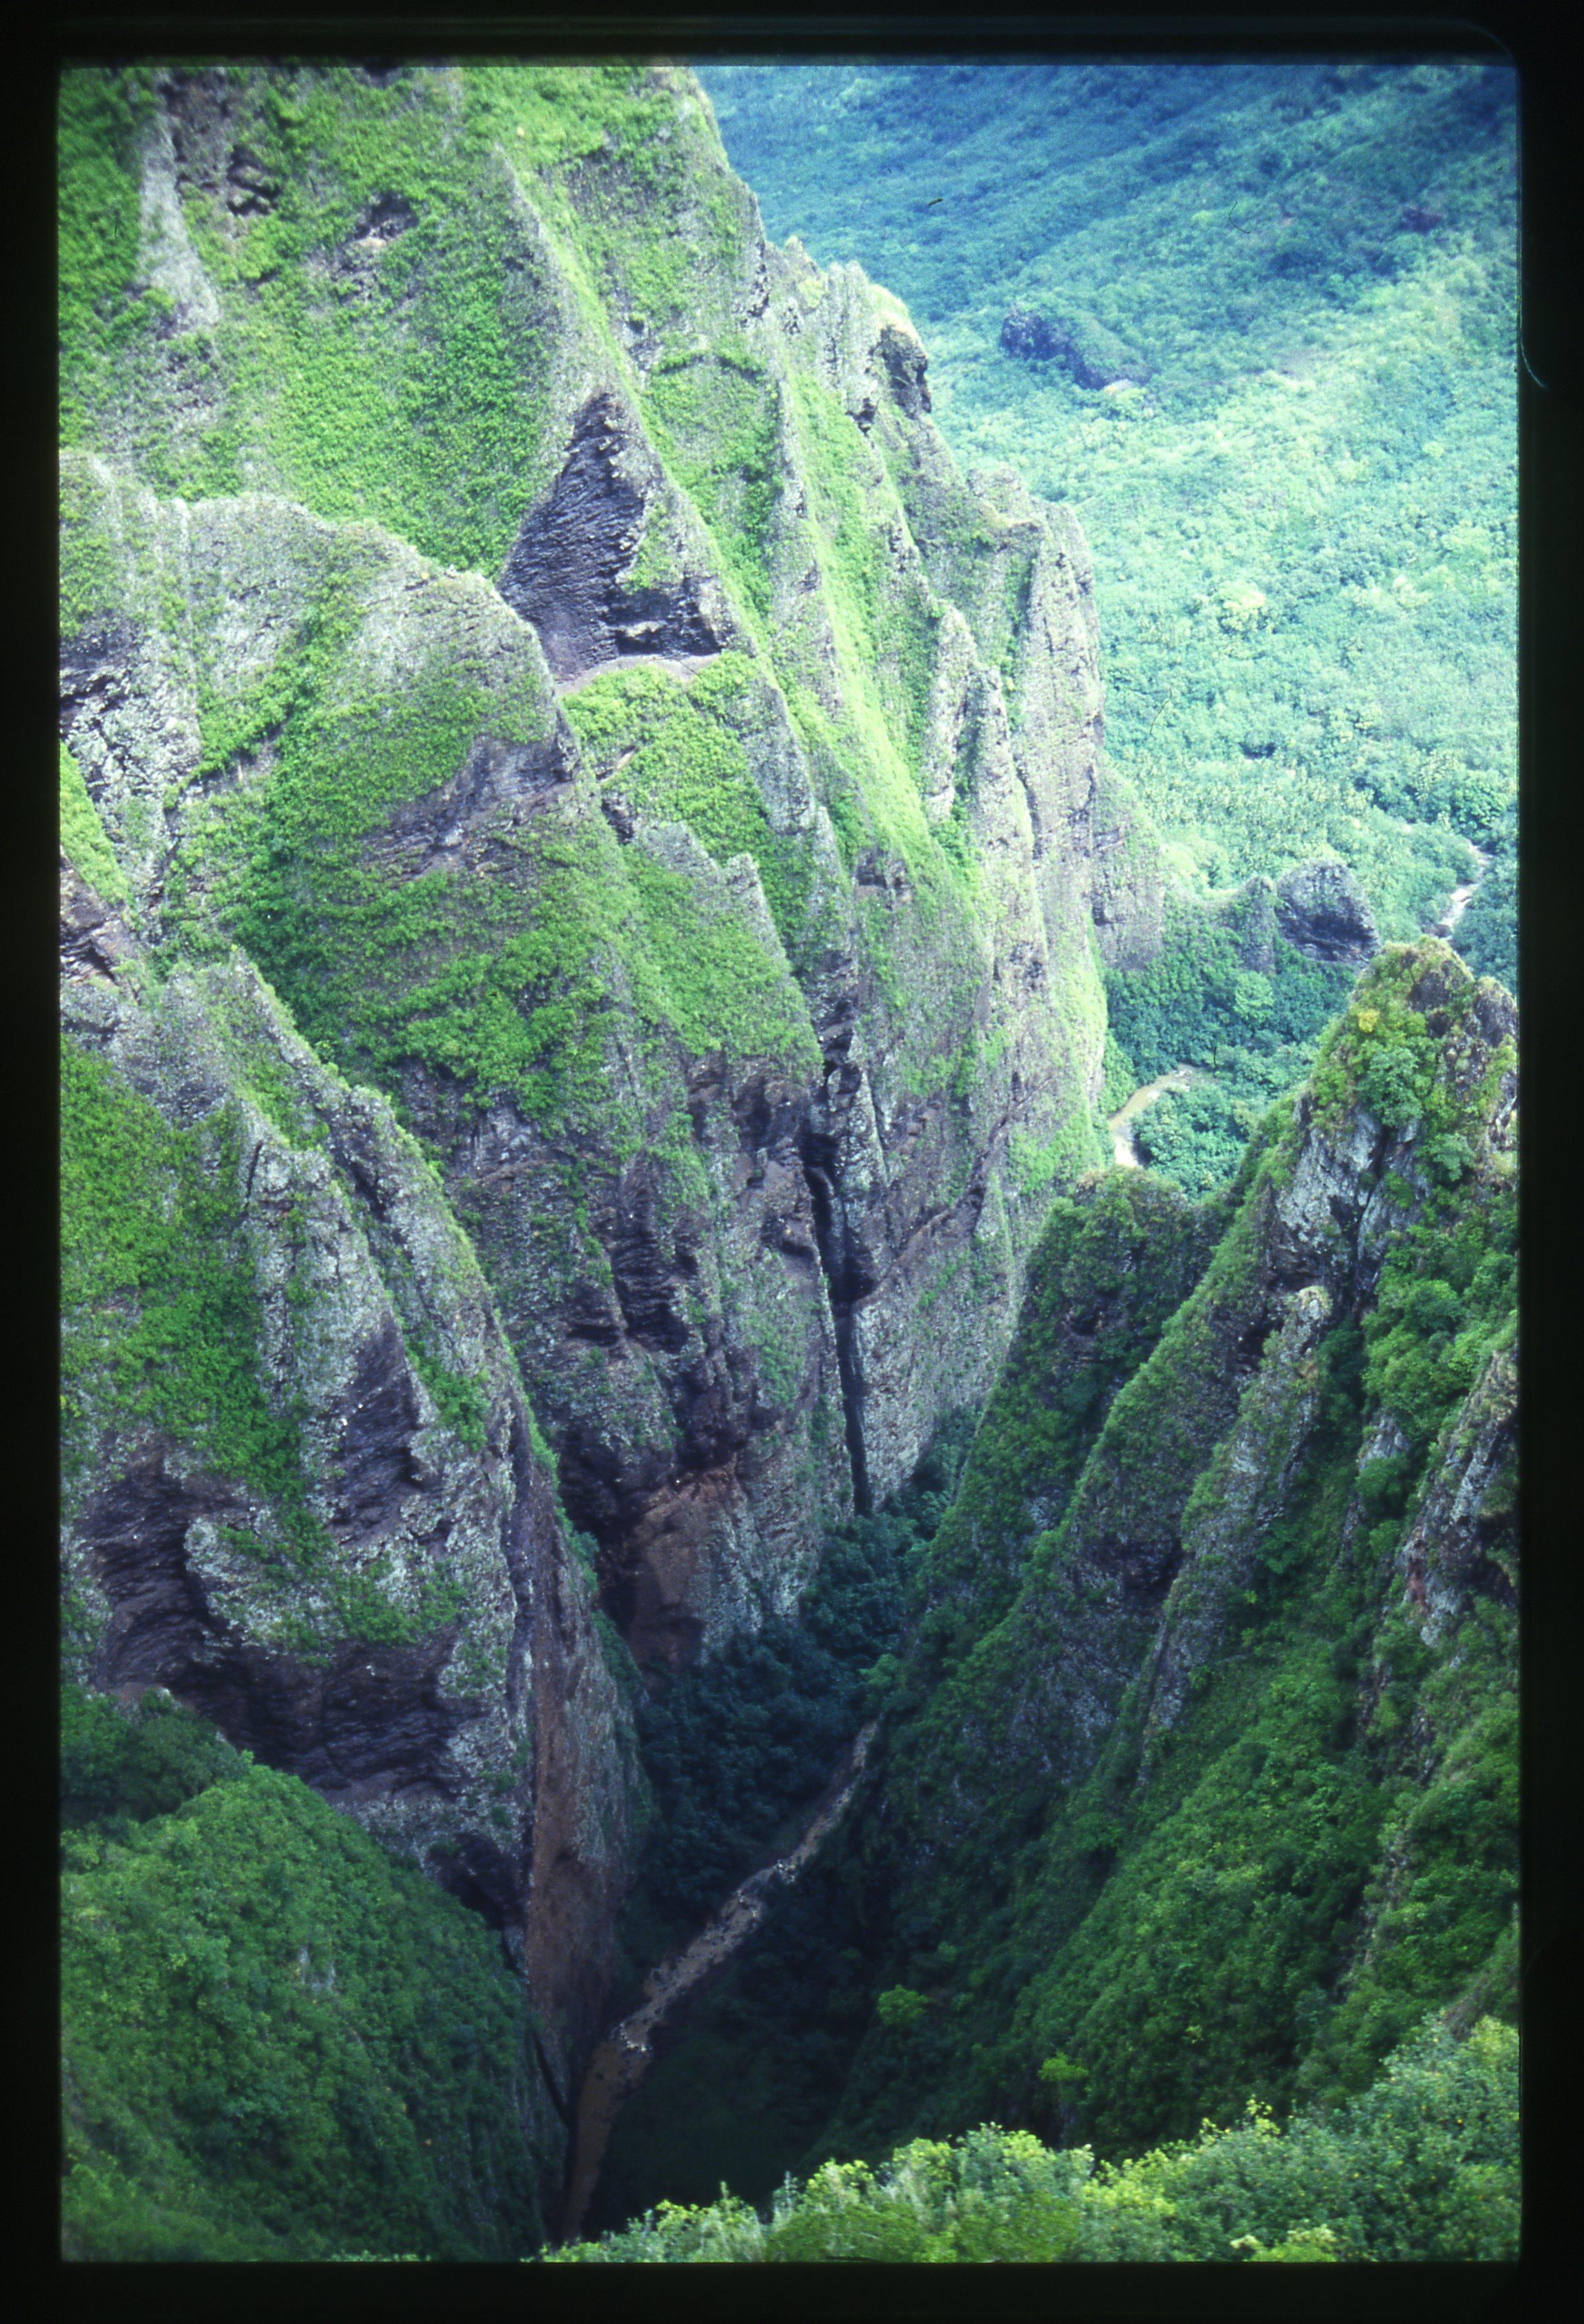 Le haut de la cascade, alors que l'hélicoptère fait un point fixe juste au dessus du vide. 350 m plus bas, on distingue parfaitement le cours d'eau que suivent les randonneurs.